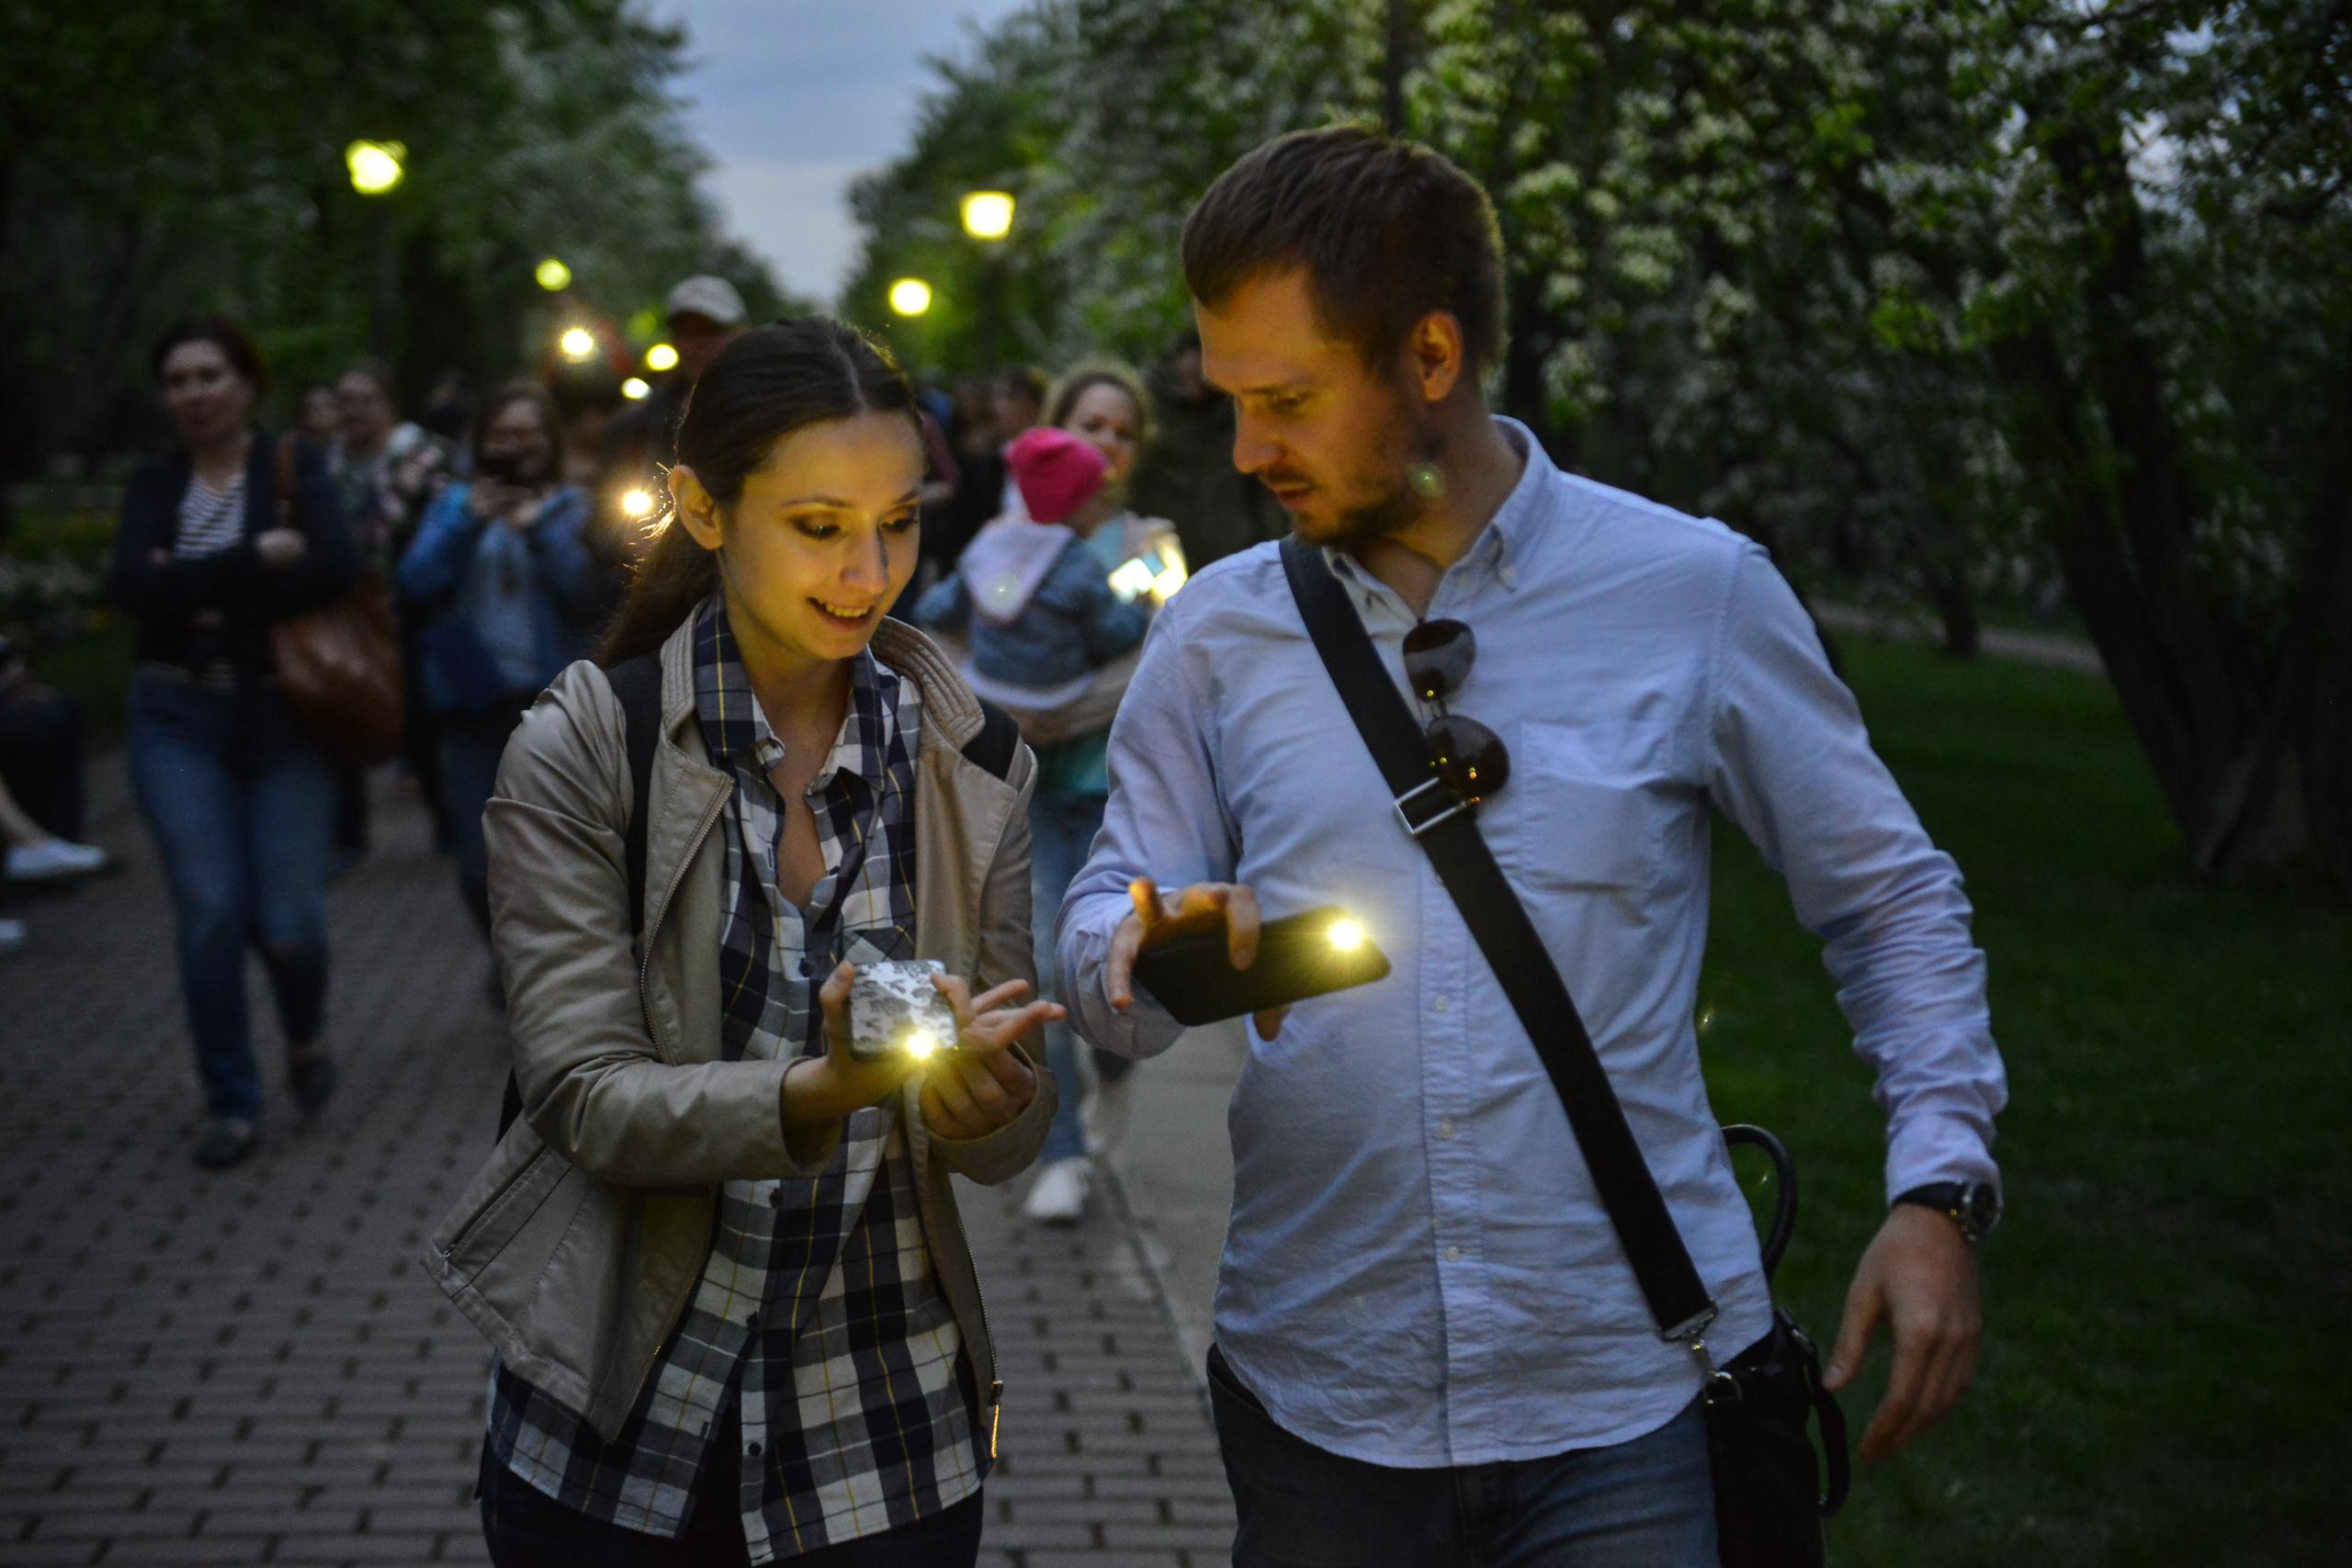 Столичные парки подготовили обширную программу кДню Российской Федерации